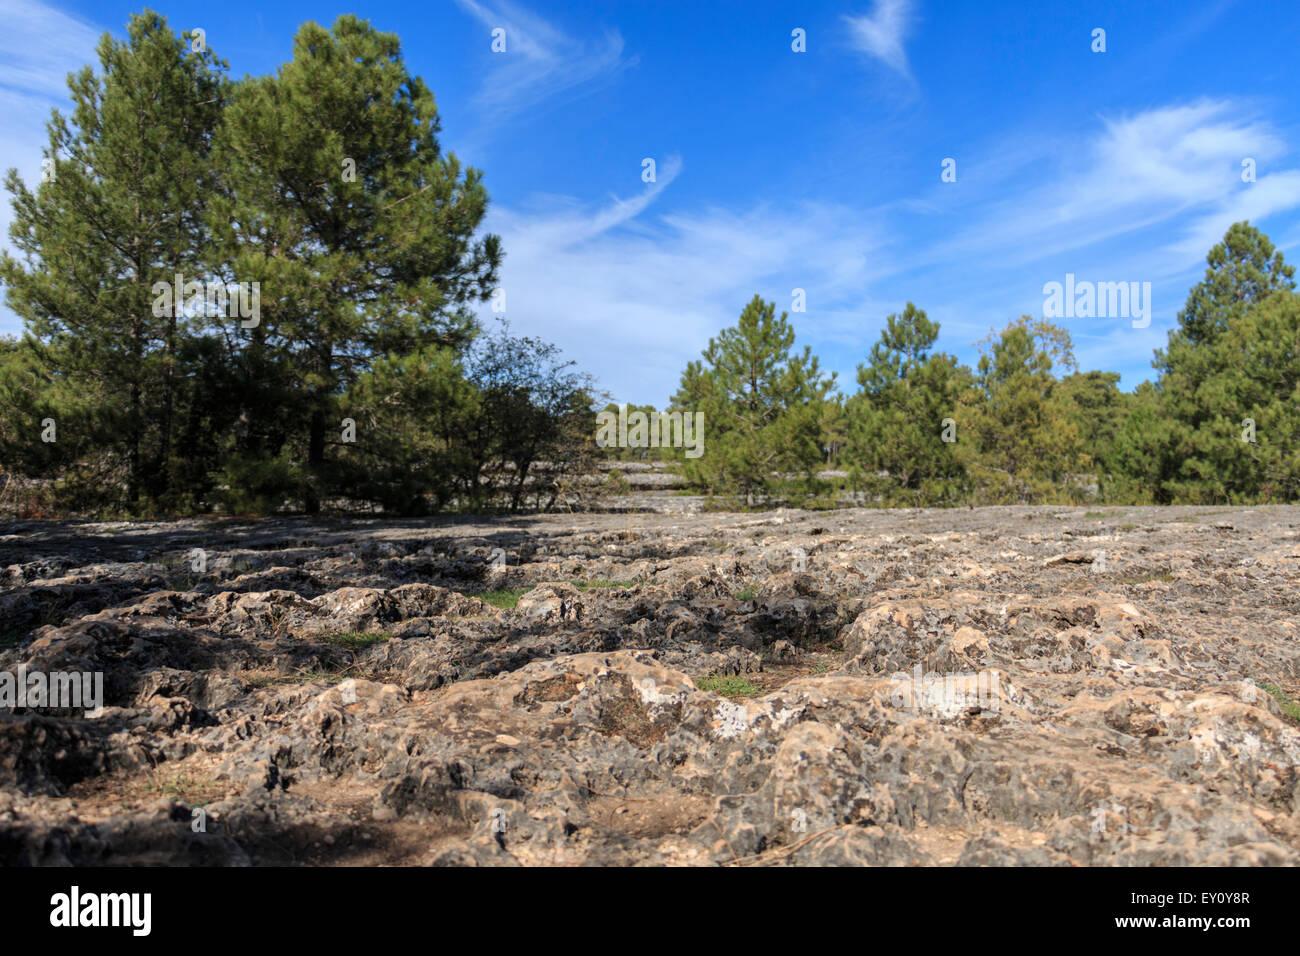 Landscape in Ciudad Encantada - Stock Image